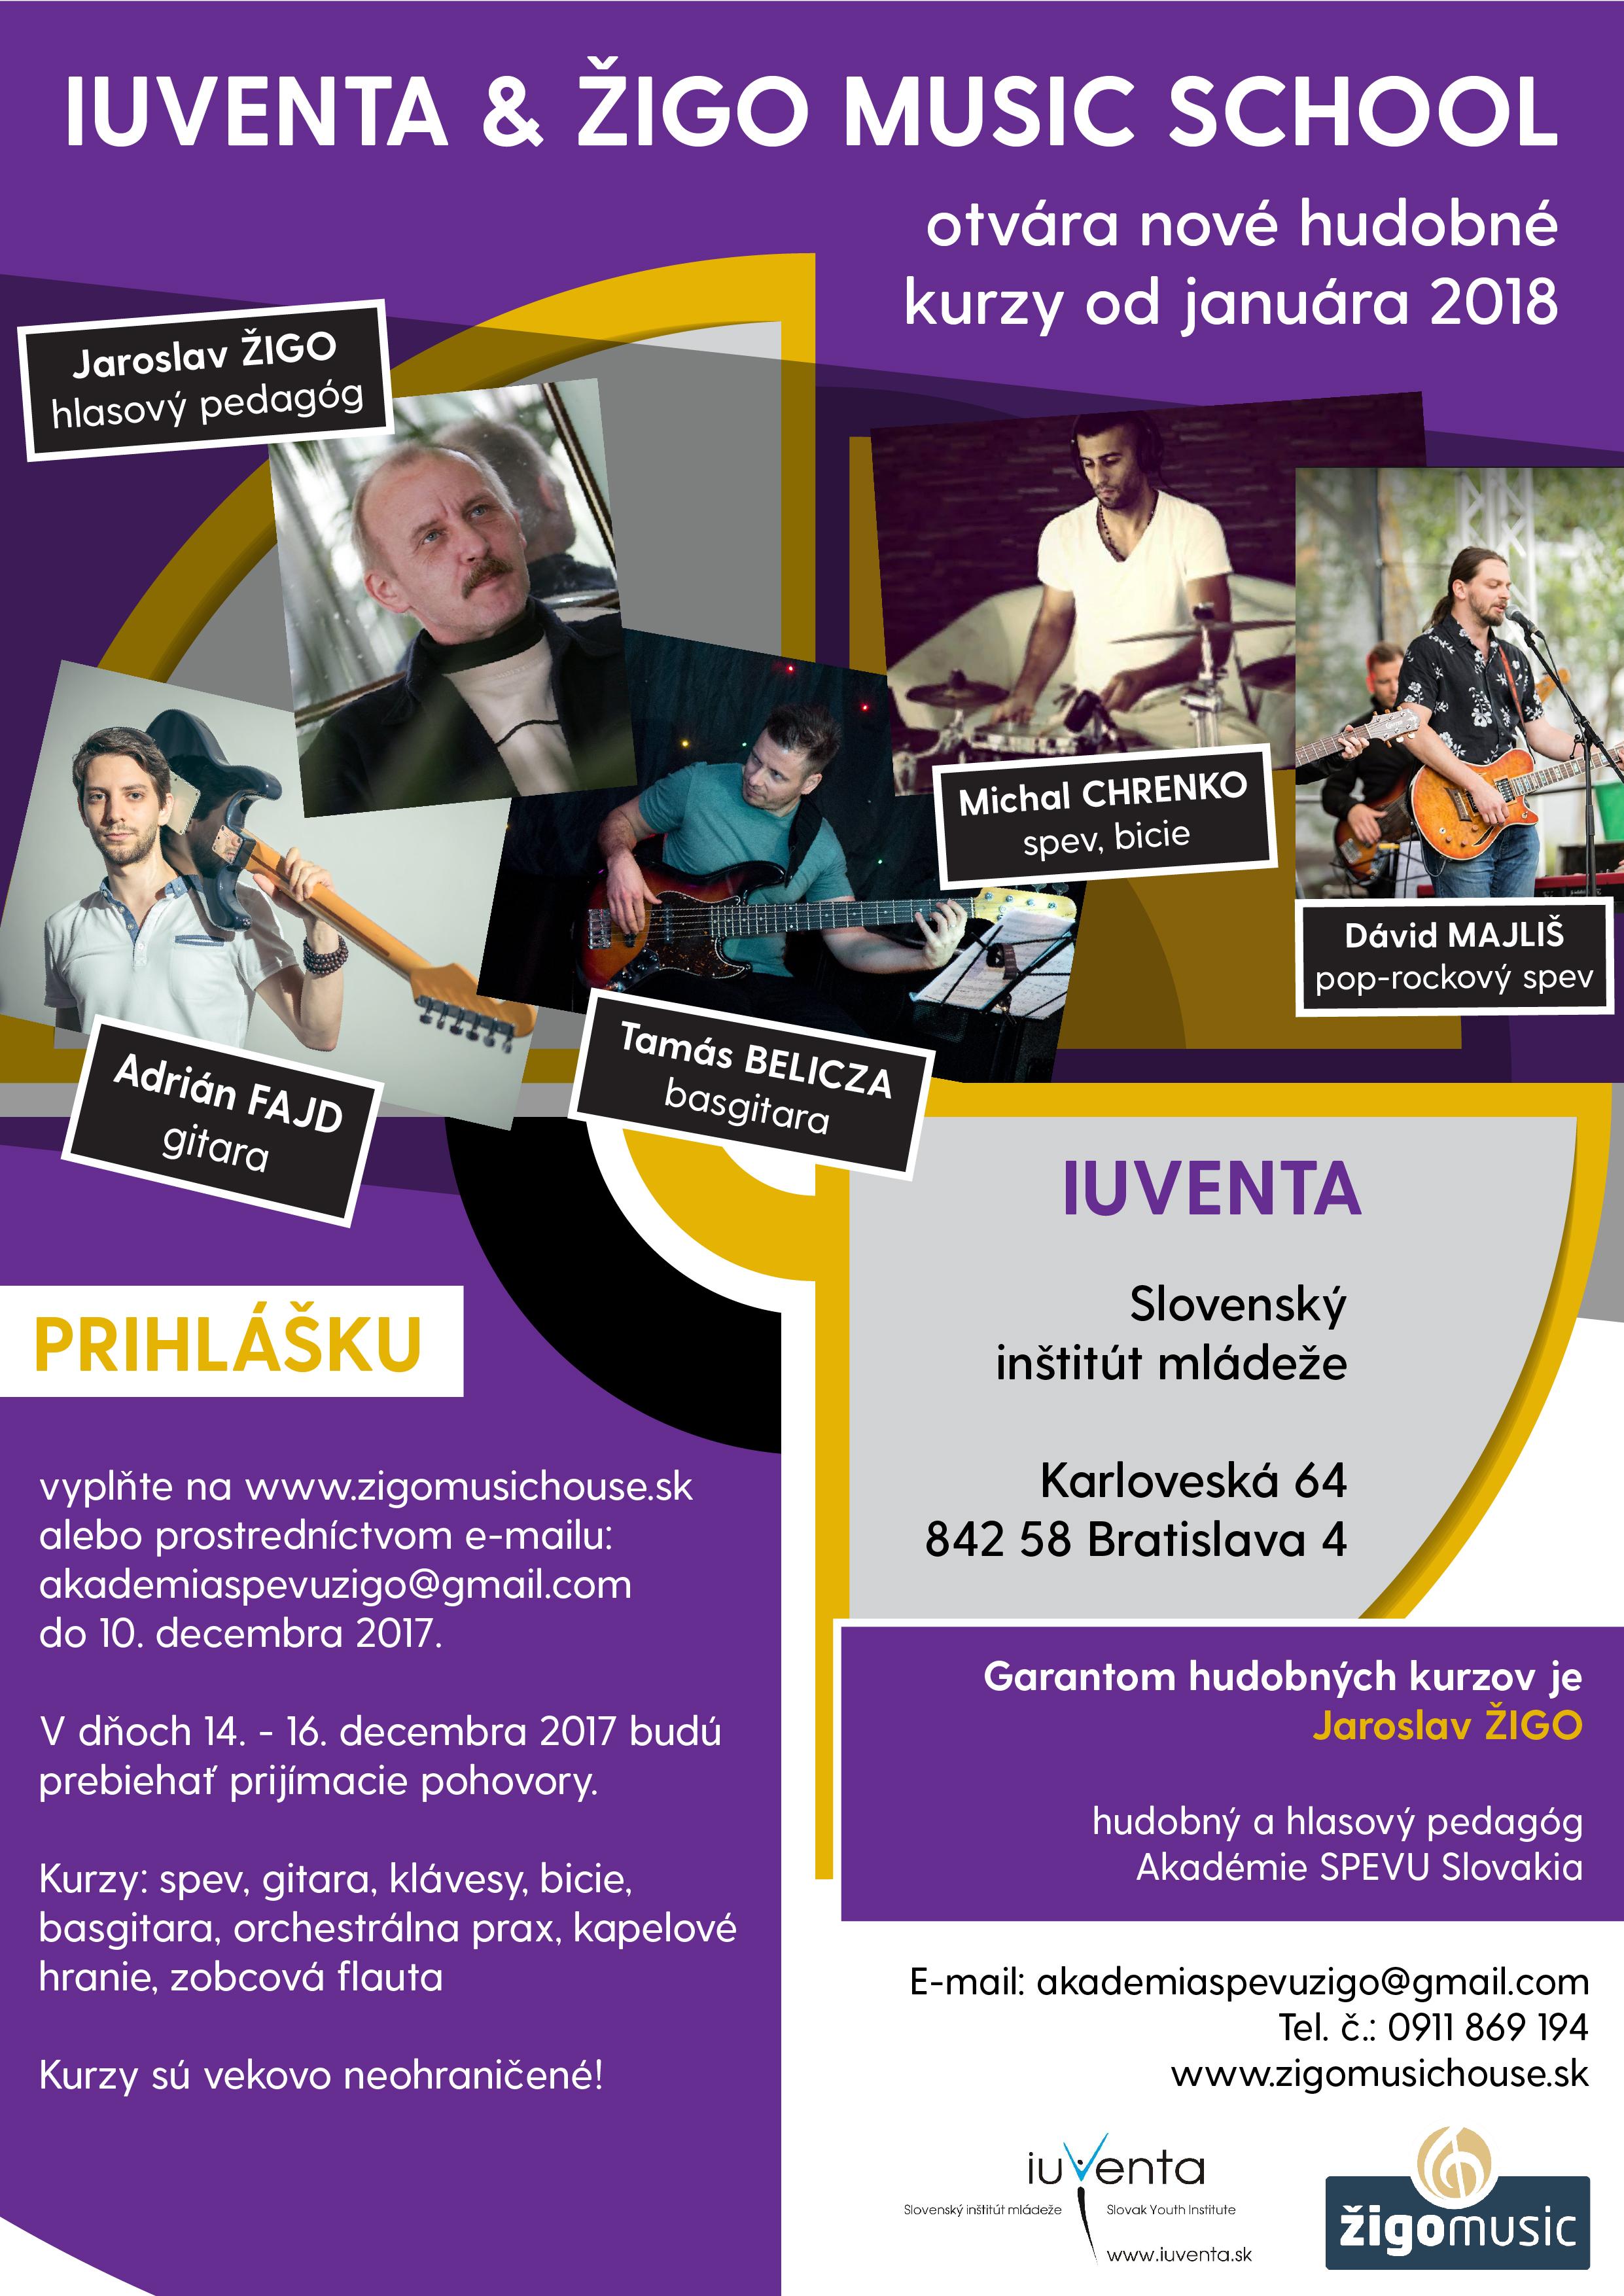 IUVENTA & ŽIGO MUSIC SCHOOL OTVÁRA NOVÉ HUDOBNÉ KURZY OD JANUÁRA 2018!